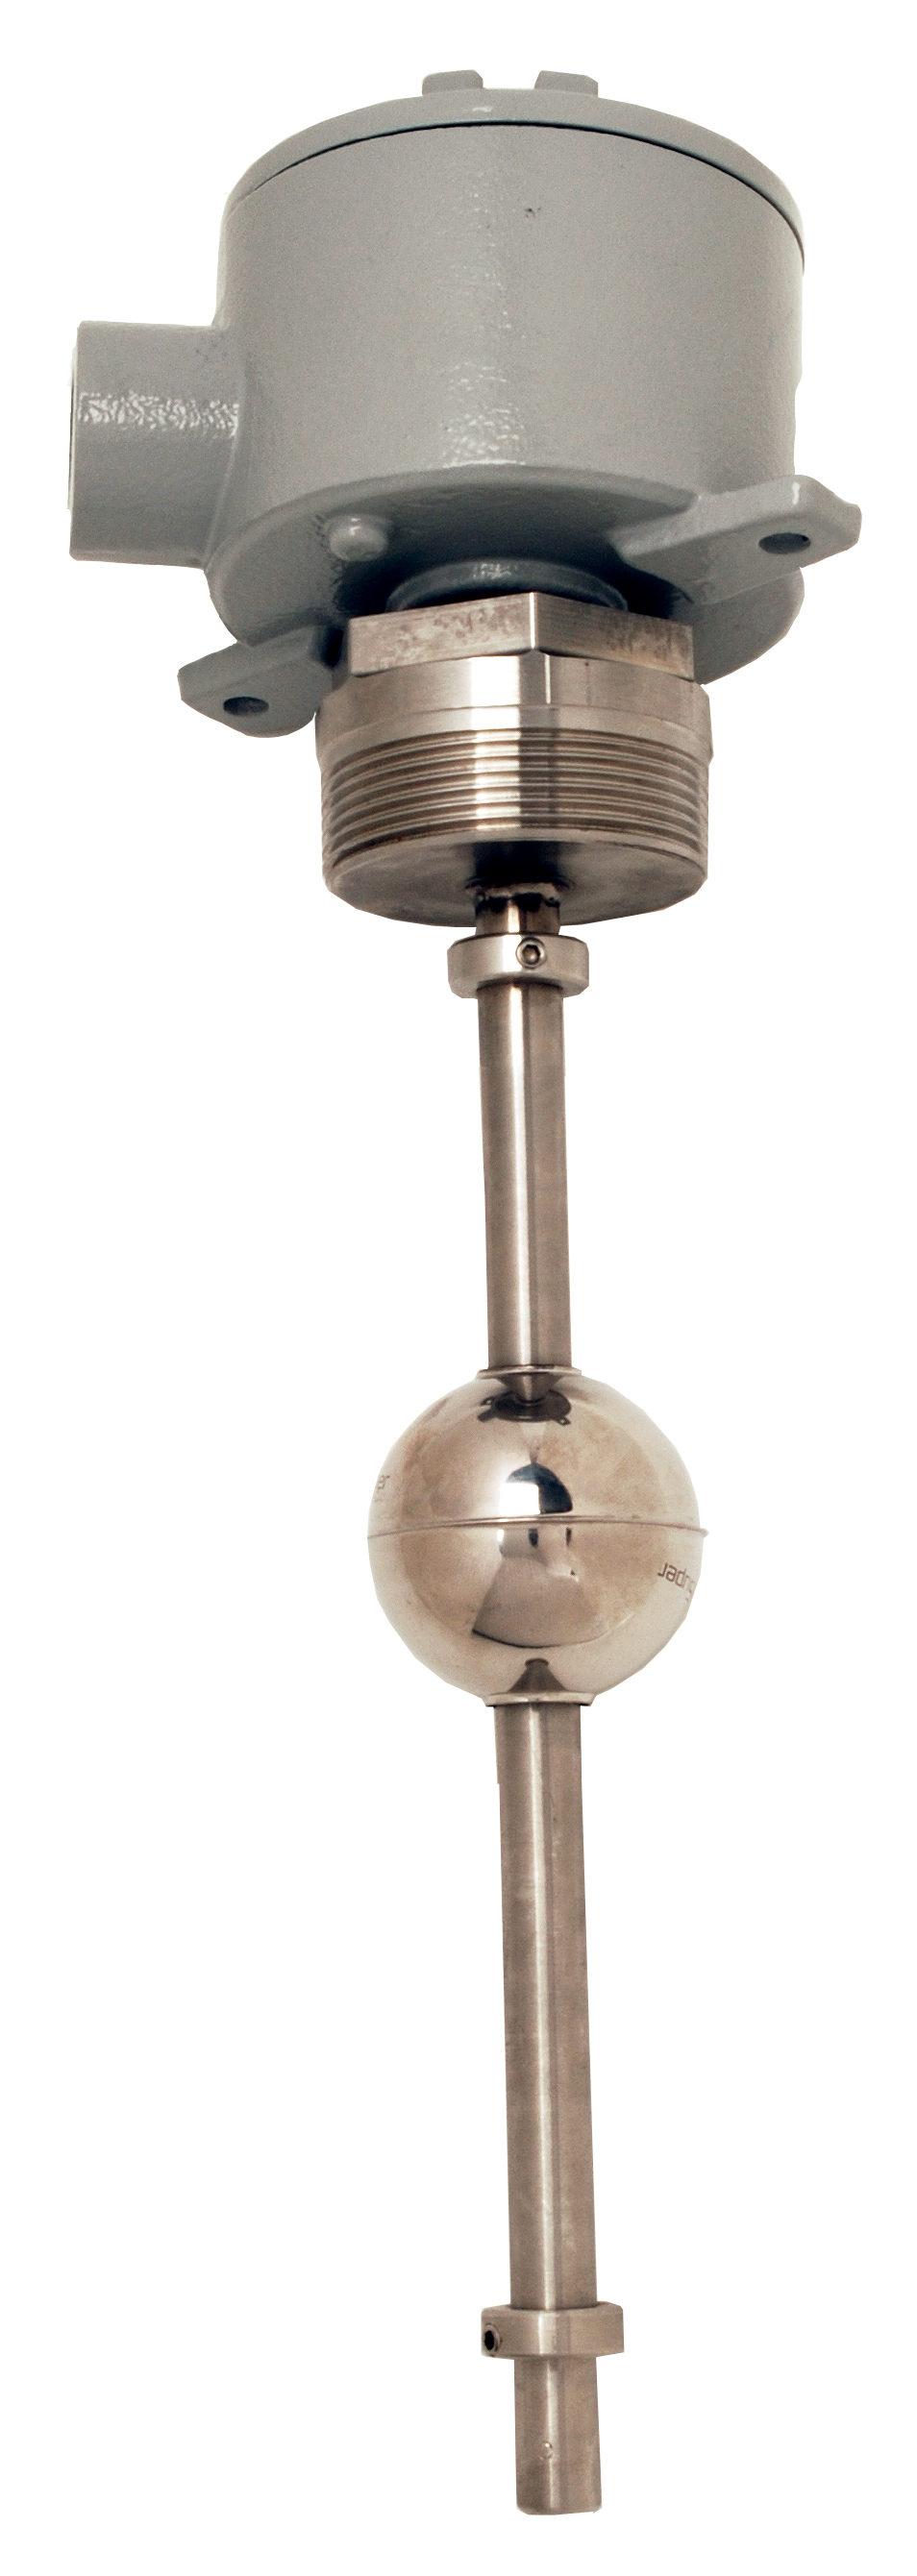 chave de nivel ou sensor de nivelpara liquidos tipo boia